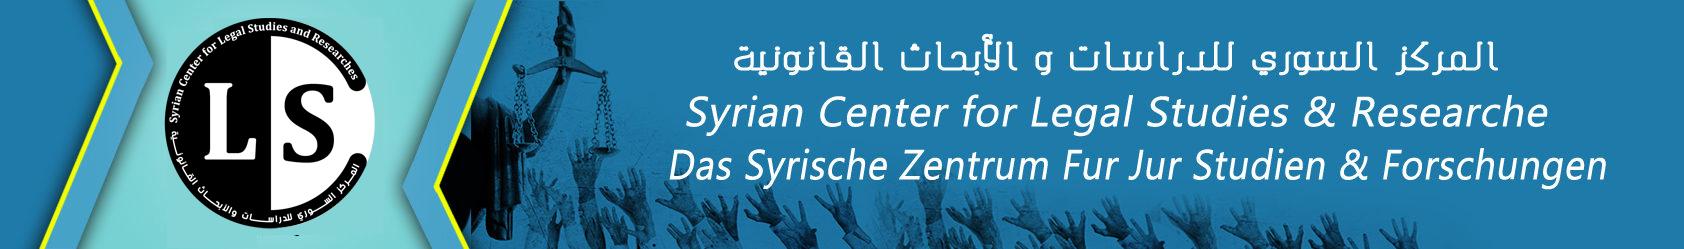 المركز السوري للدراسات و الابحاث القانونية